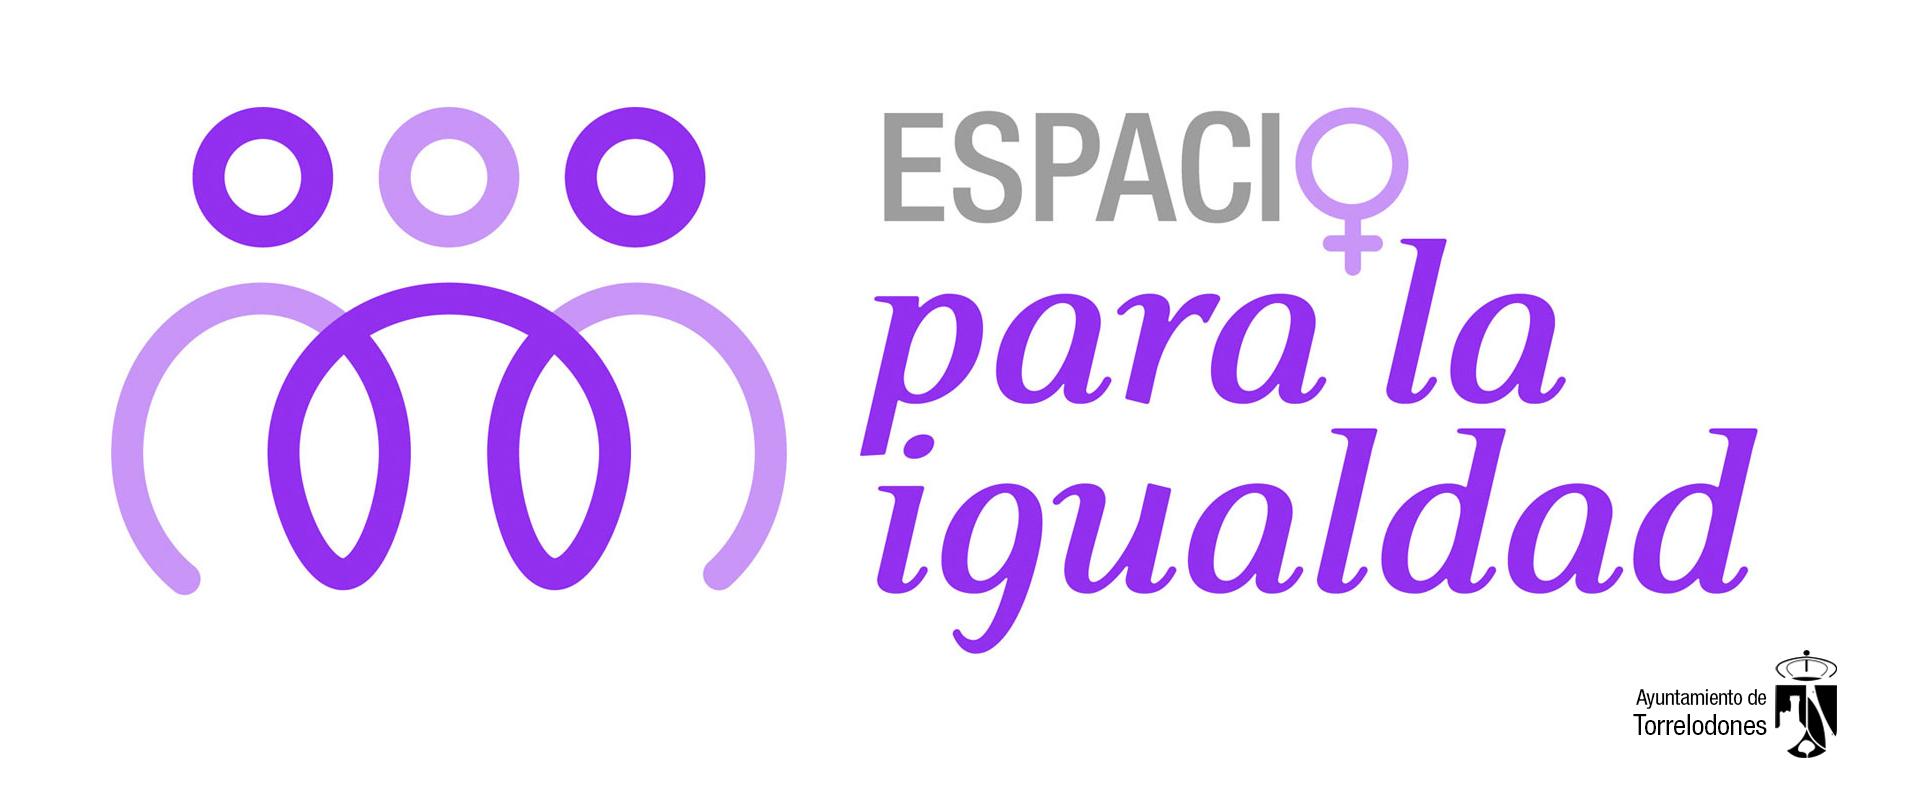 slide-espacio-igualdad